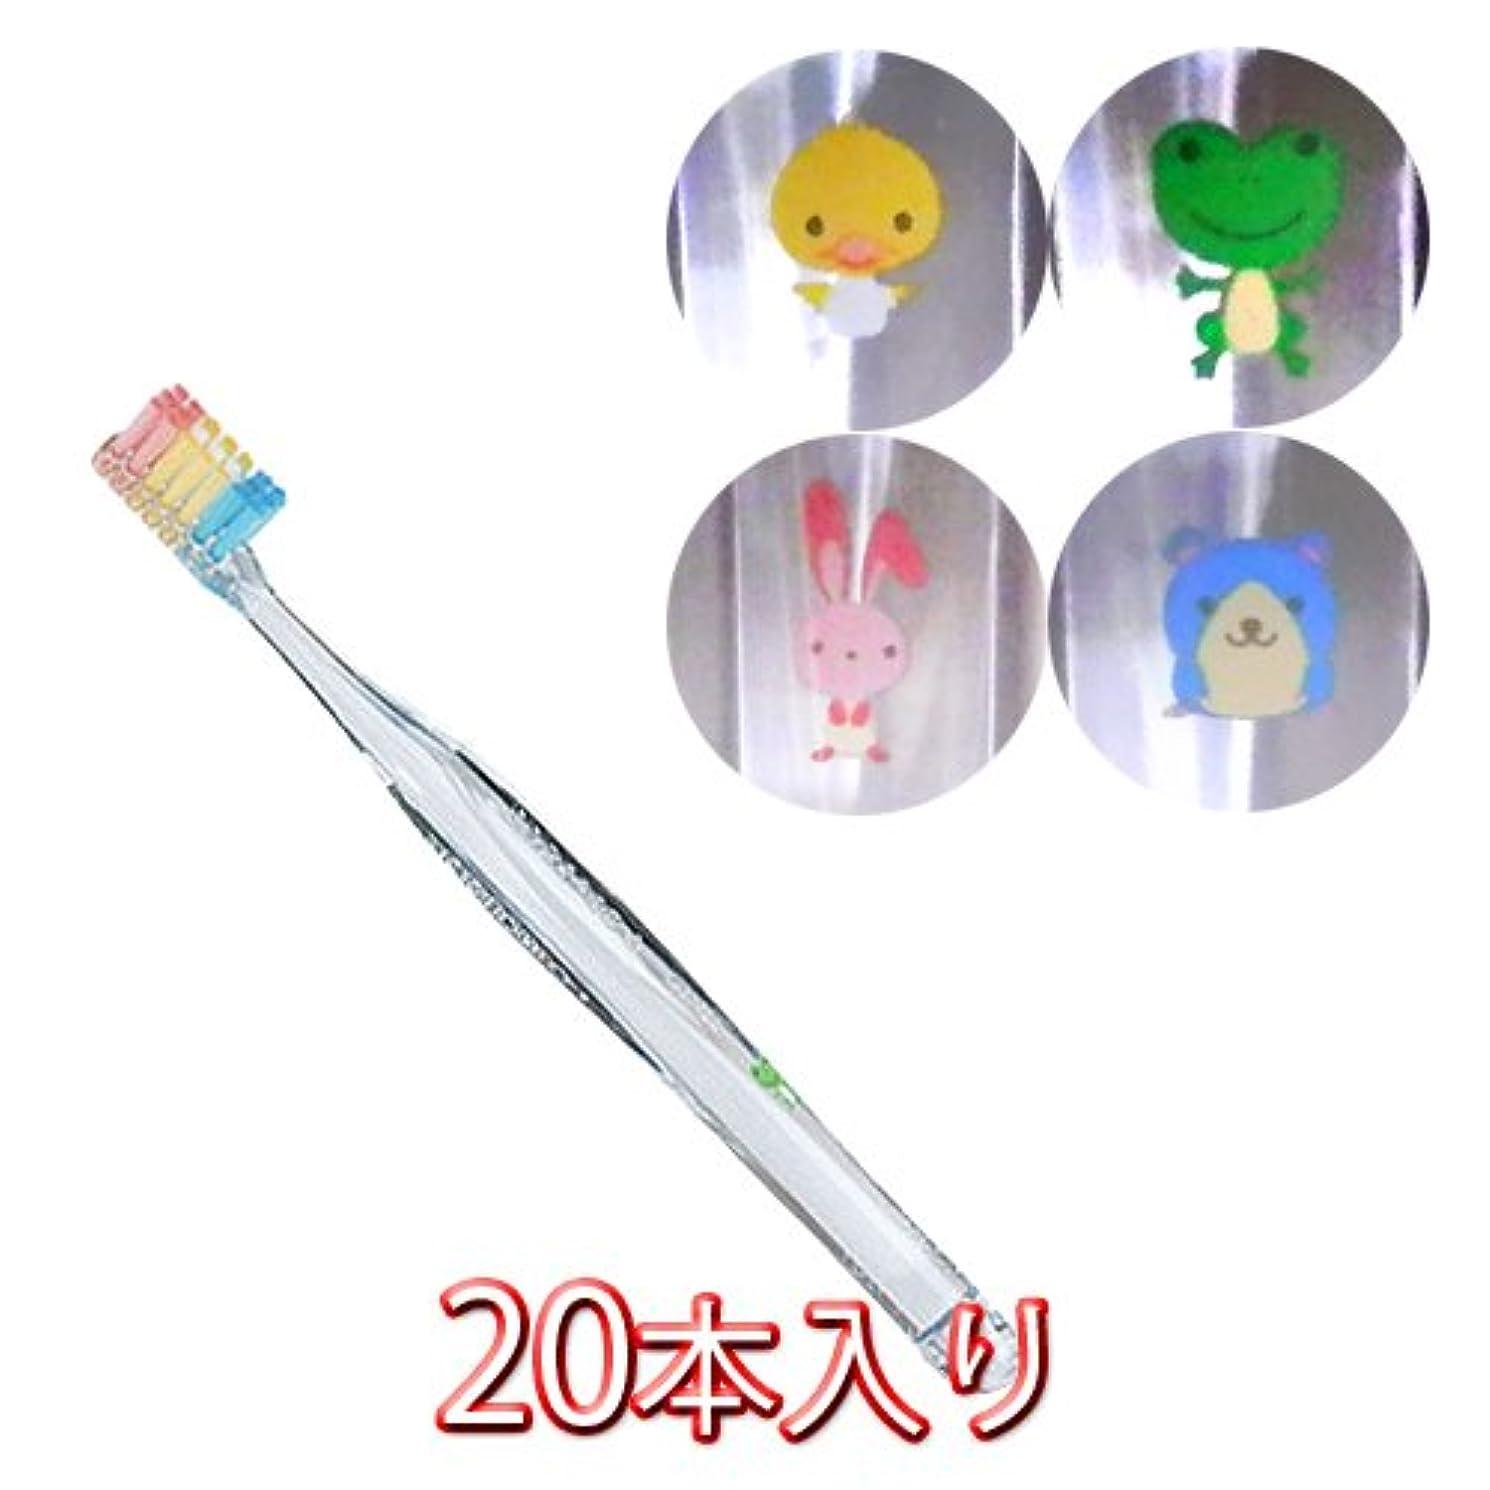 給料シンク与えるプロスペック プラス フォーレッスン 歯ブラシ 20本入 スモール